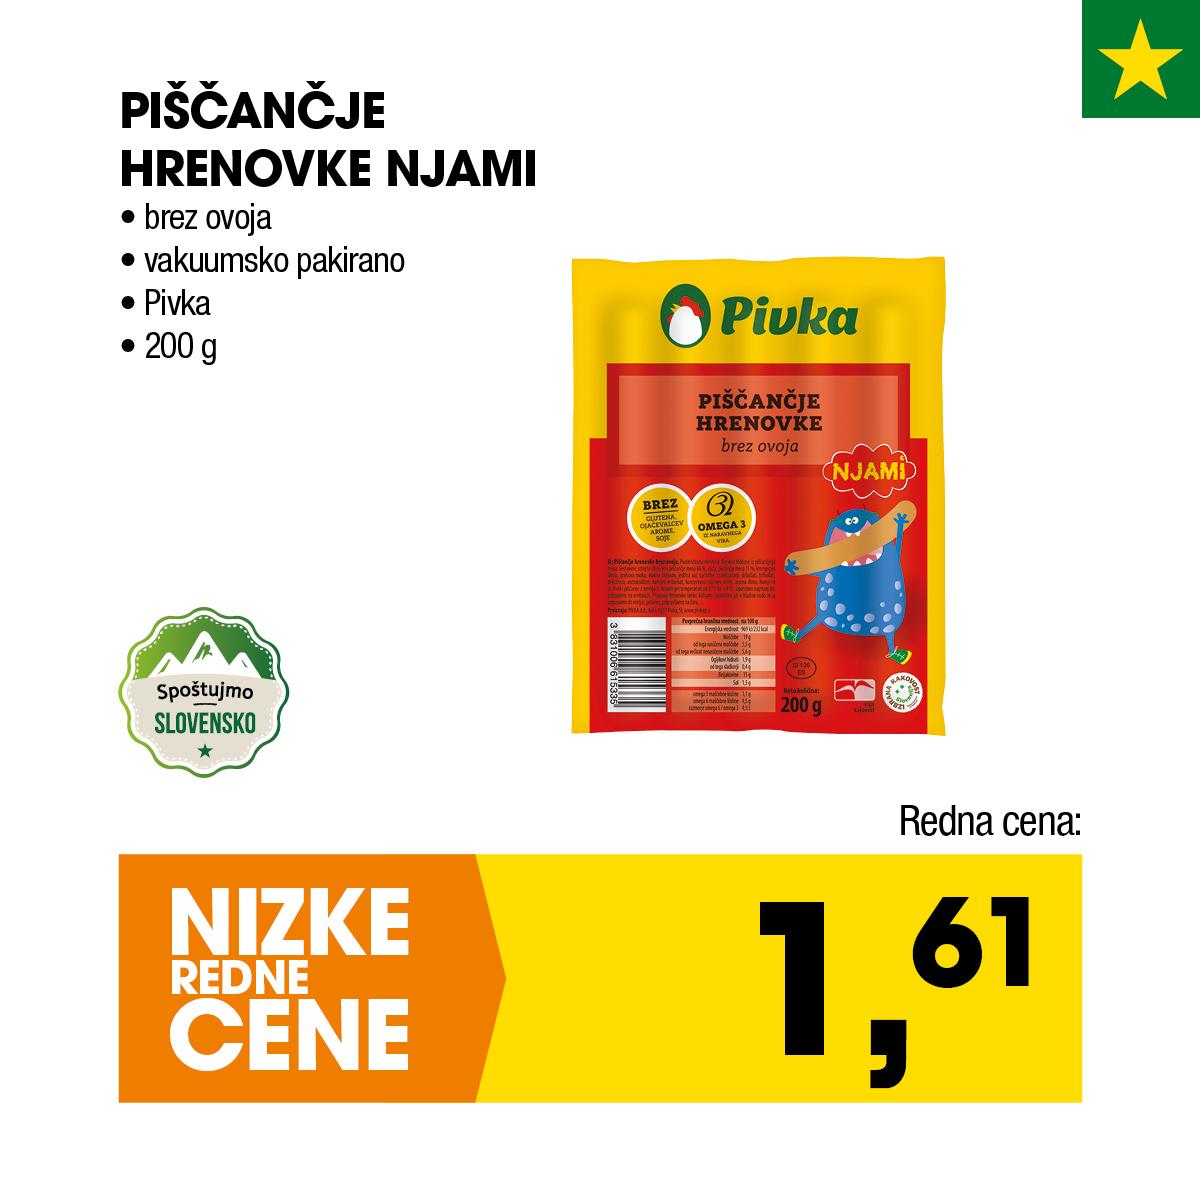 Nizke cene - Piščančje hrenovke Njami